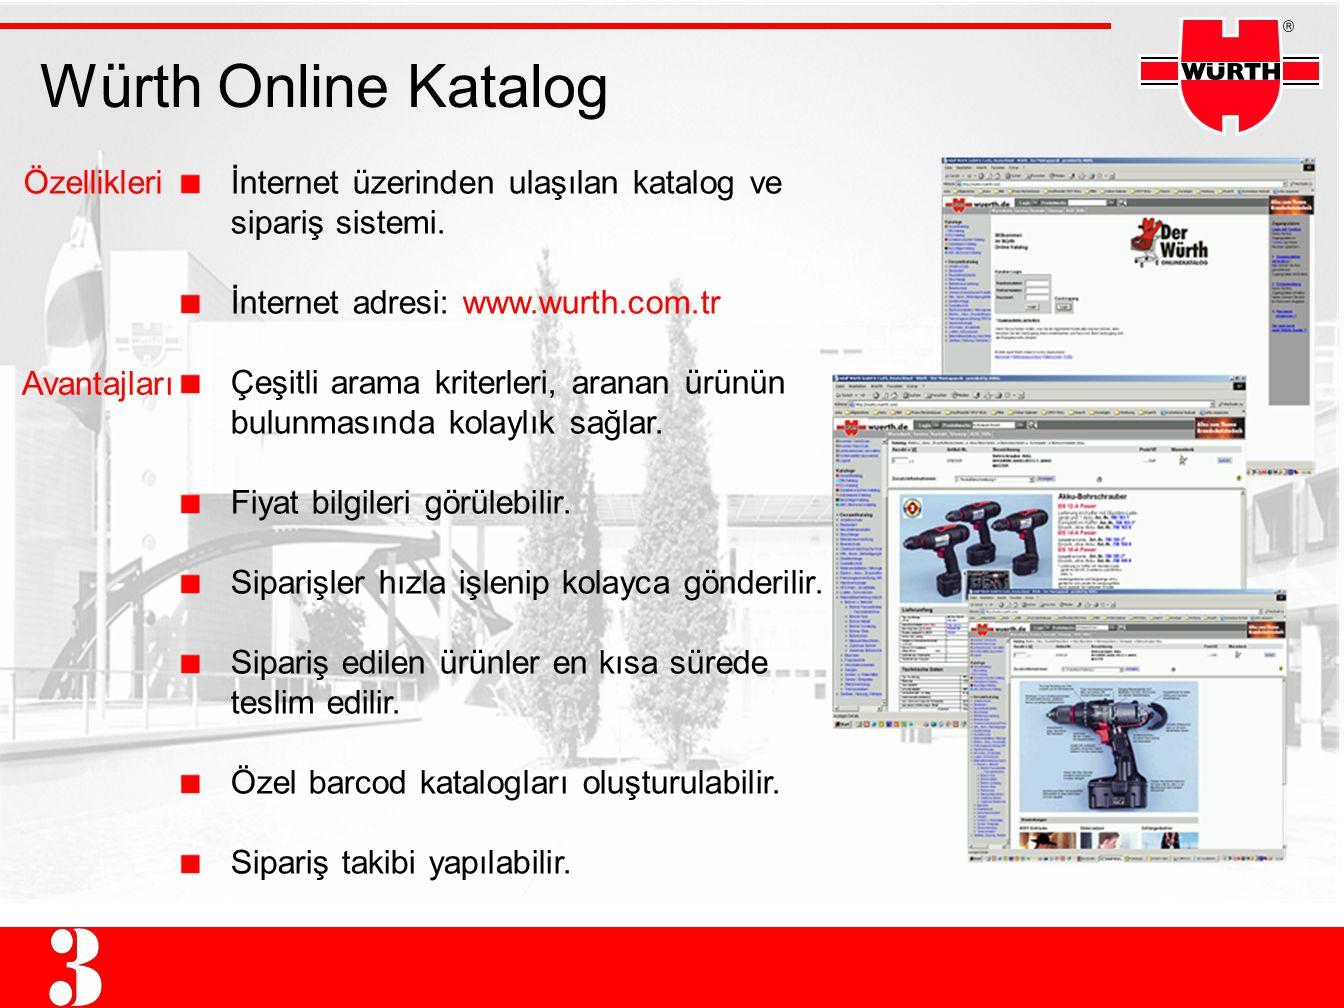 Würth Online Katalog İnternet üzerinden ulaşılan katalog ve sipariş sistemi. İnternet adresi: www.wurth.com.tr Çeşitli arama kriterleri, aranan ürünün